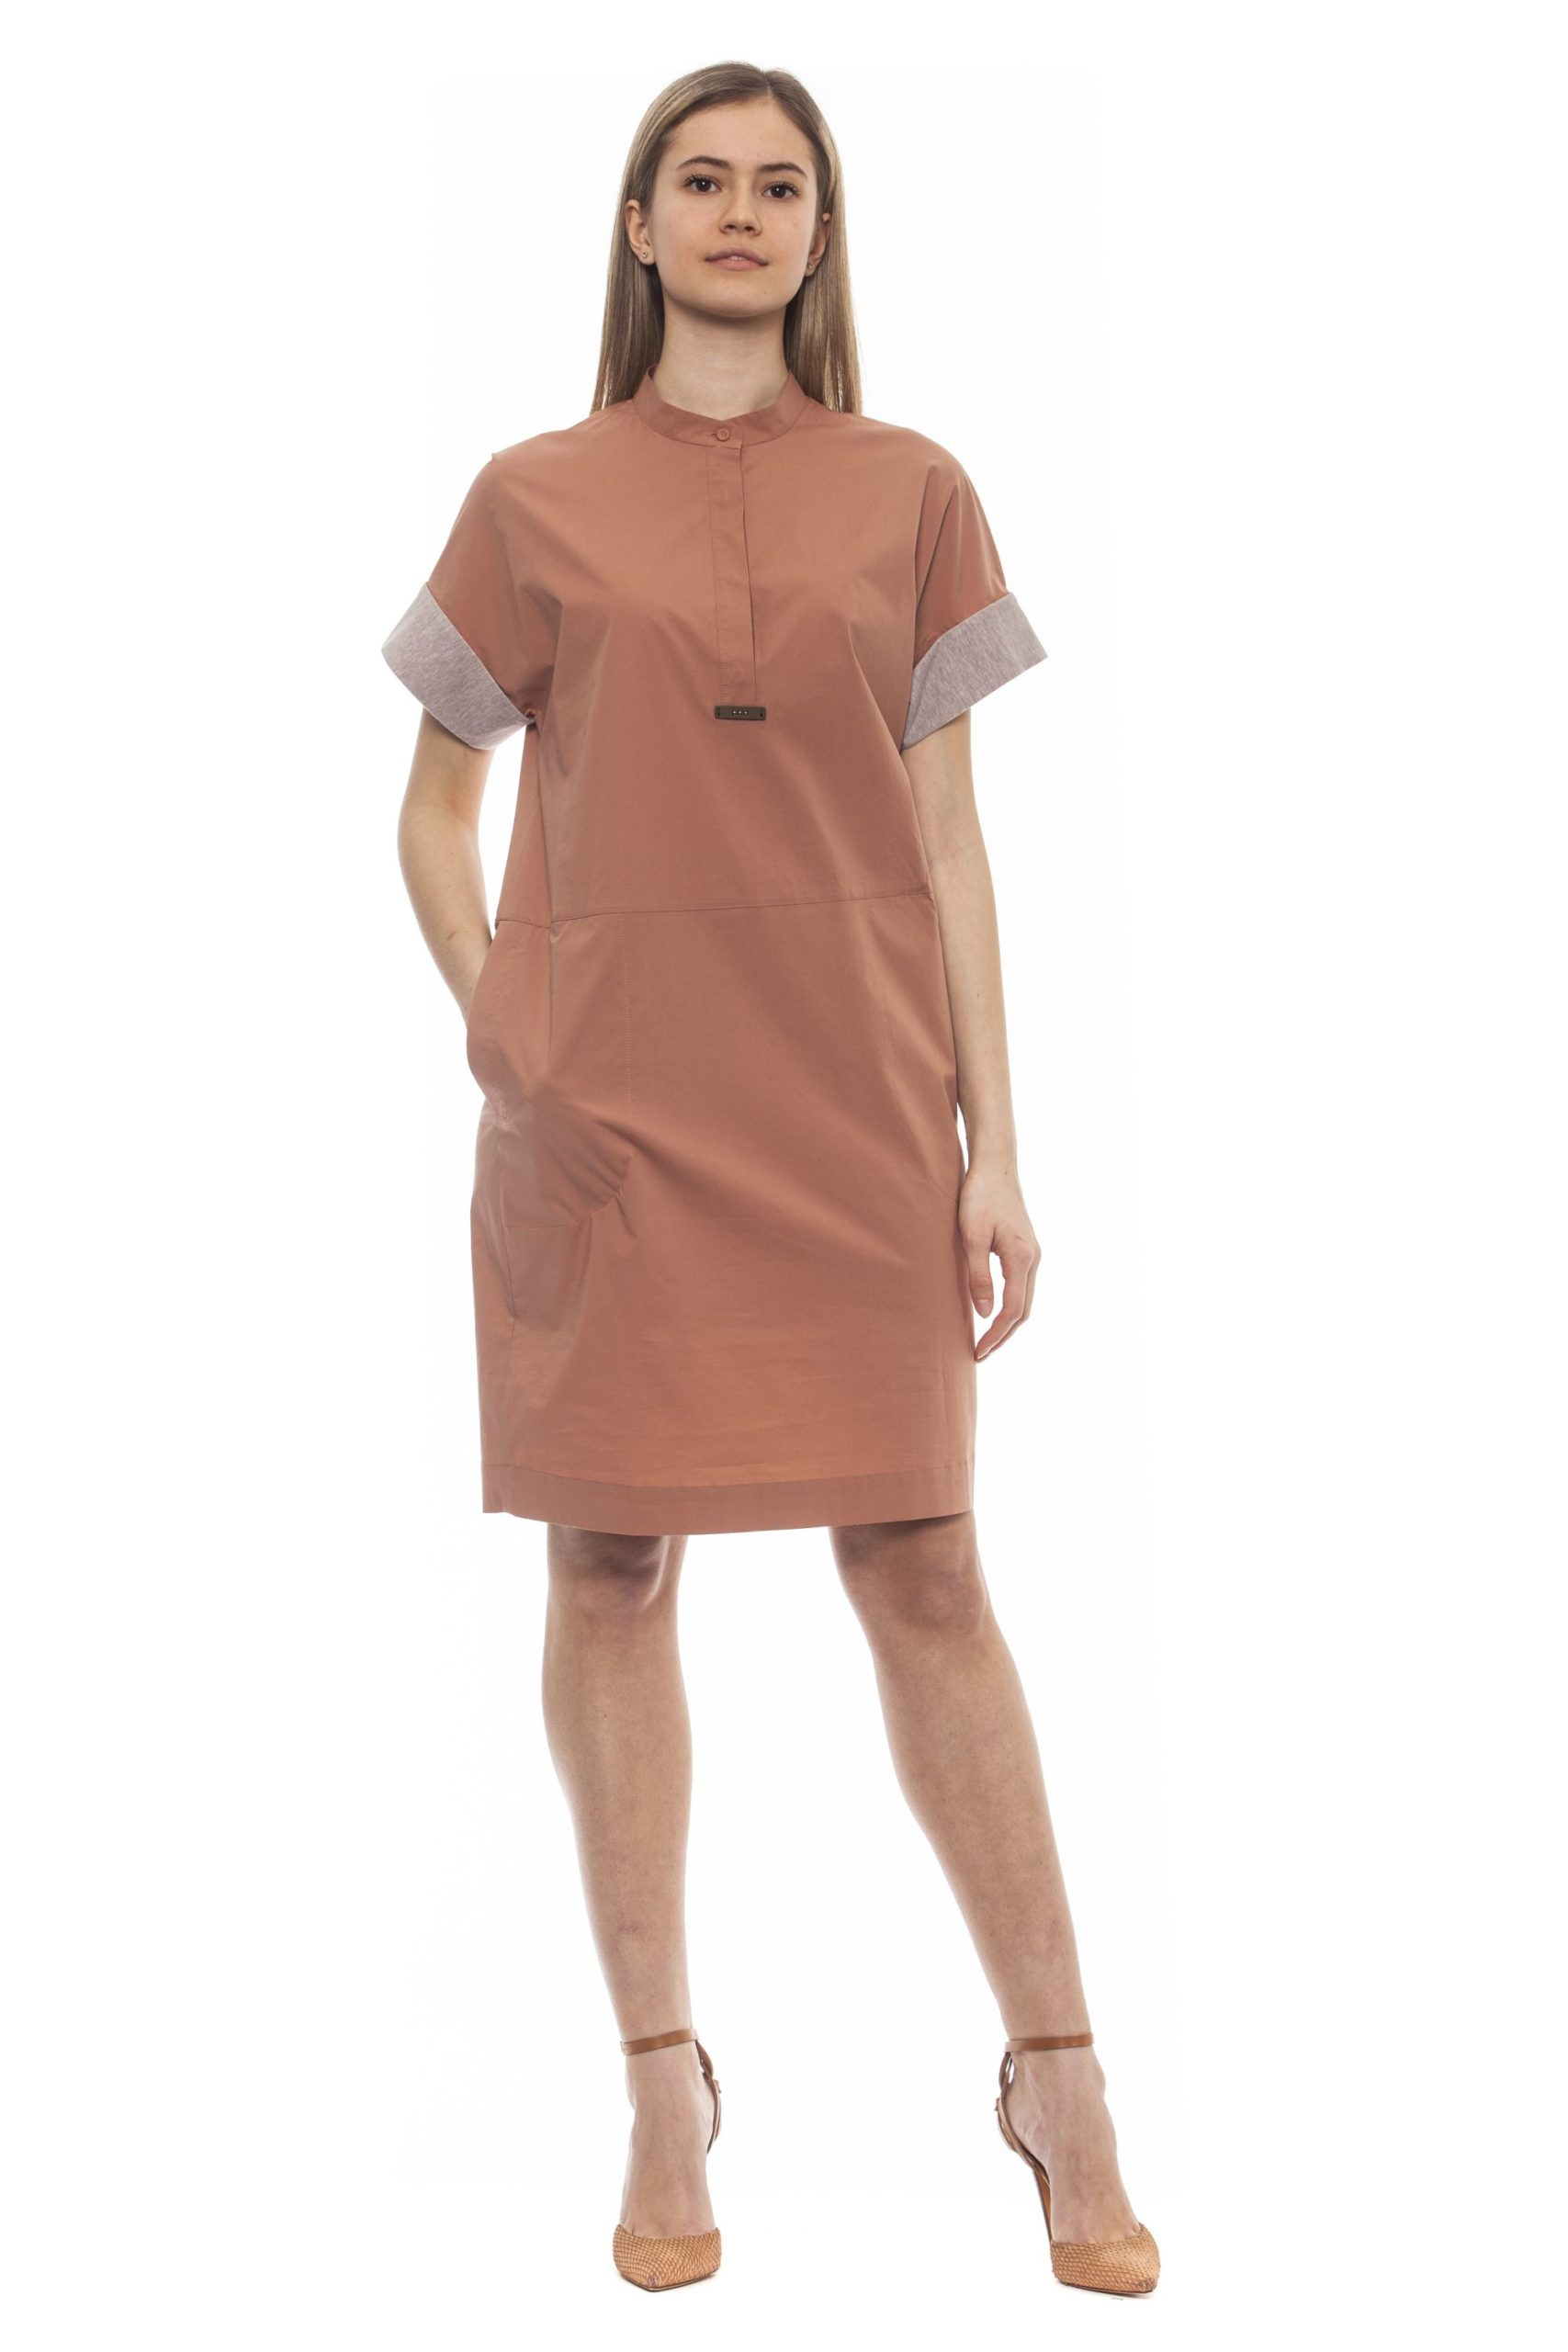 Peserico Women's Marrone Dress Brown PE1383287 - IT42   S